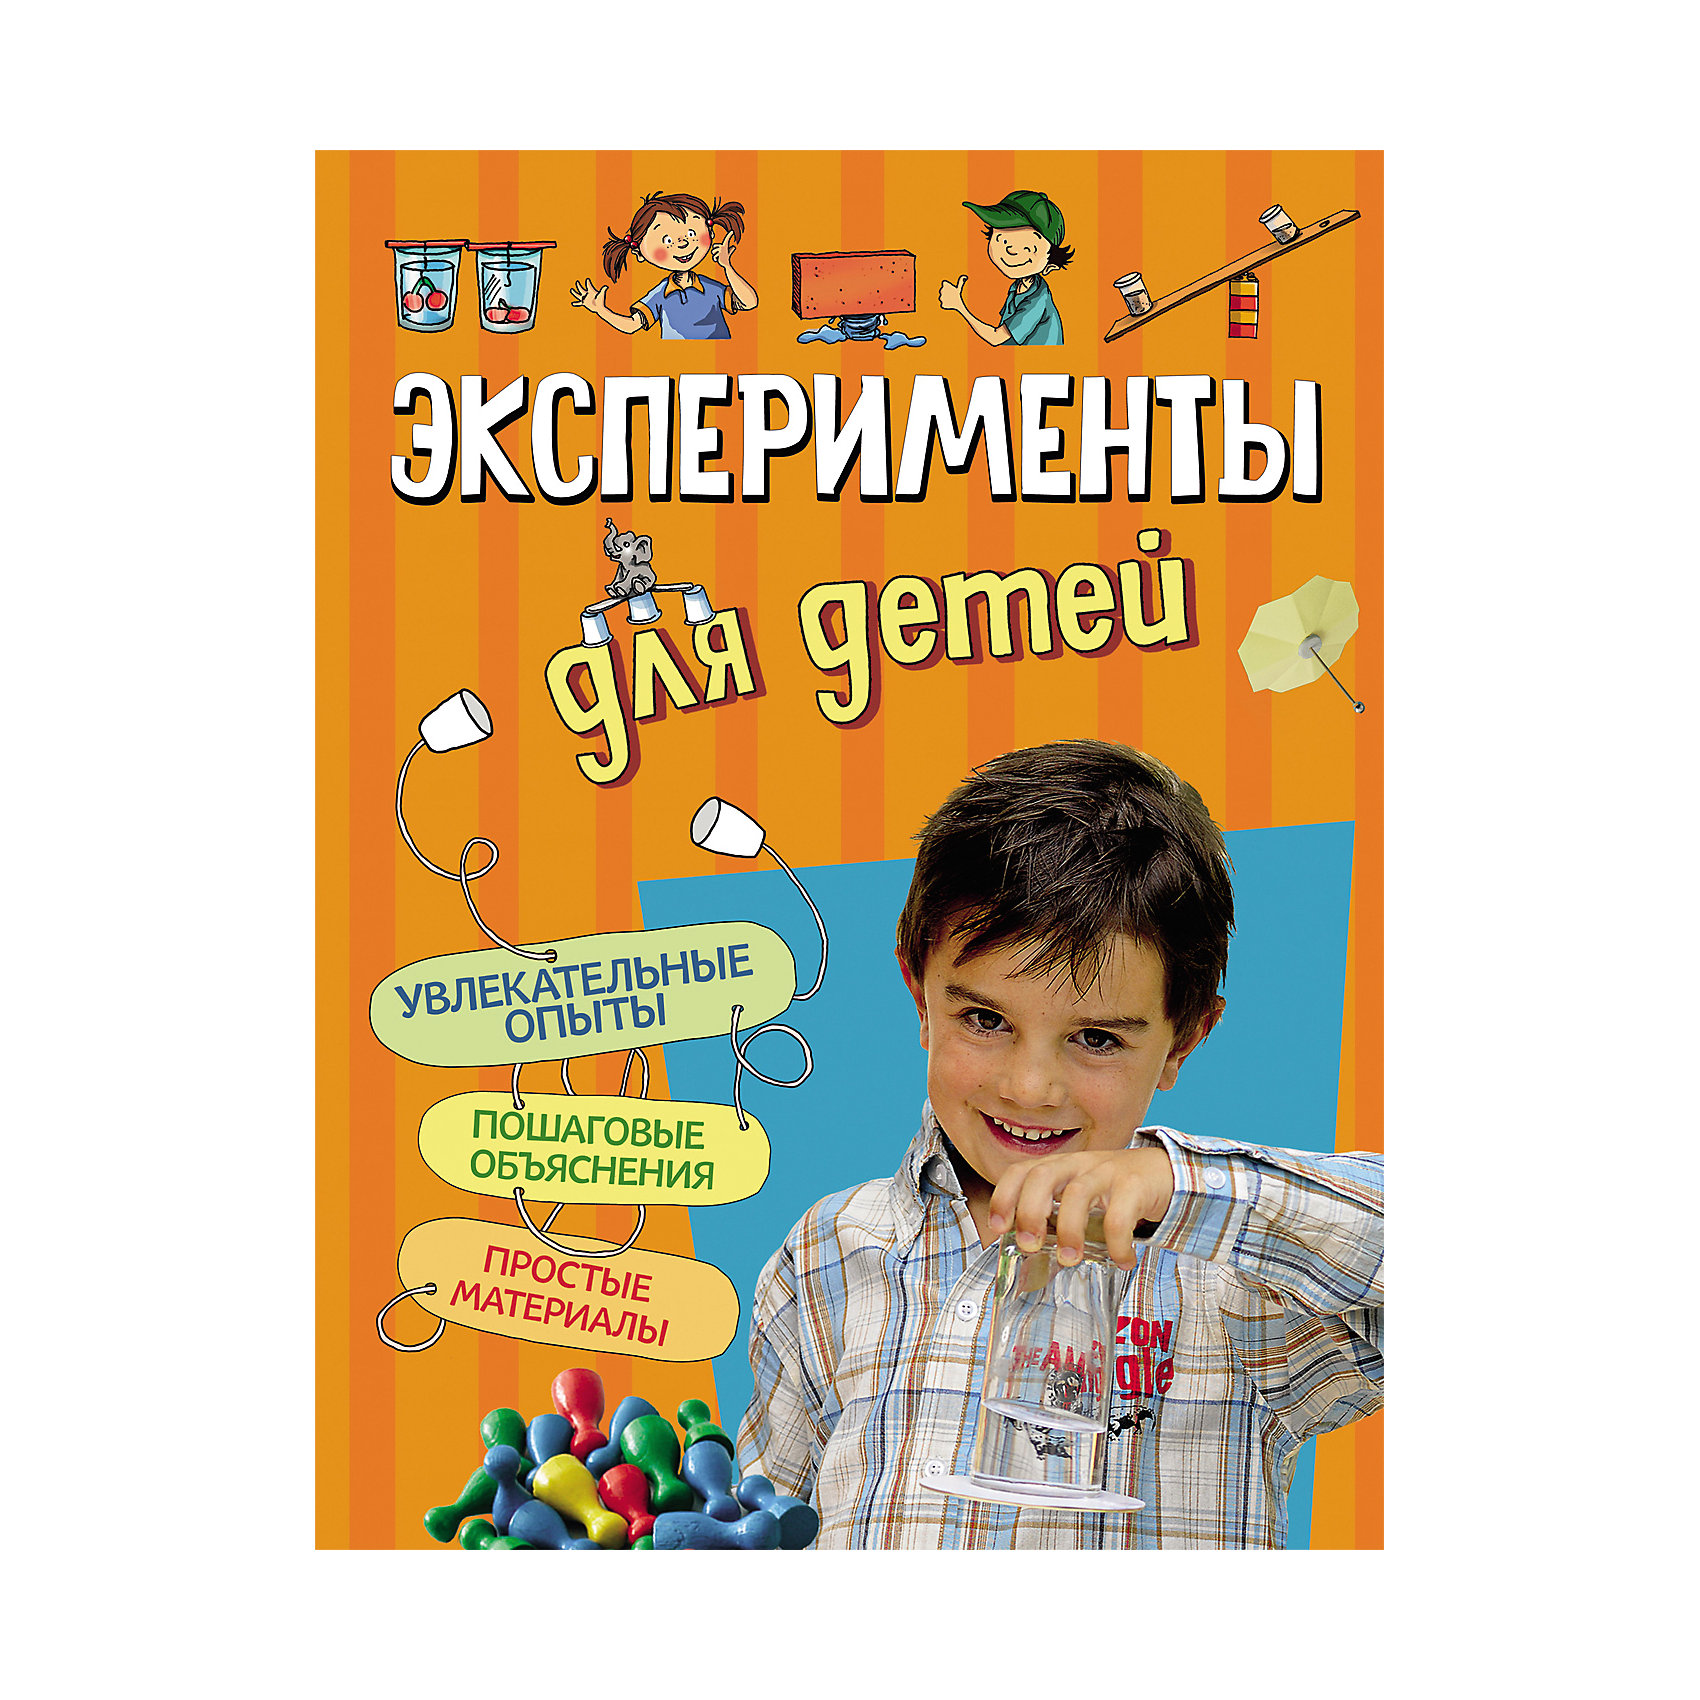 Эксперименты для детейРосмэн<br>Книга Эксперименты для детей<br><br>Характеристики:<br><br>• ISBN: 9785353080237<br>• Количество страниц: 120<br>• Формат: А4  <br>• Обложка: твердая <br><br>Эта книга позволит вашему ребенку почувствовать себя настоящим ученым! Используя рекомендации из этой книги, ваш юный исследователь сможет повторить различные безопасные опыты с подручными материалами и узнать о необычных свойствах привычных для нас предметов. Он сможет поставить эксперименты с такими вещами как бумага, вода, соль и понять основные законы физики и химии, совершая свои маленькие открытия.<br><br>Книга Эксперименты для детей можно купить в нашем интернет-магазине.<br><br>Ширина мм: 283<br>Глубина мм: 217<br>Высота мм: 120<br>Вес г: 542<br>Возраст от месяцев: 84<br>Возраст до месяцев: 2147483647<br>Пол: Унисекс<br>Возраст: Детский<br>SKU: 5507099